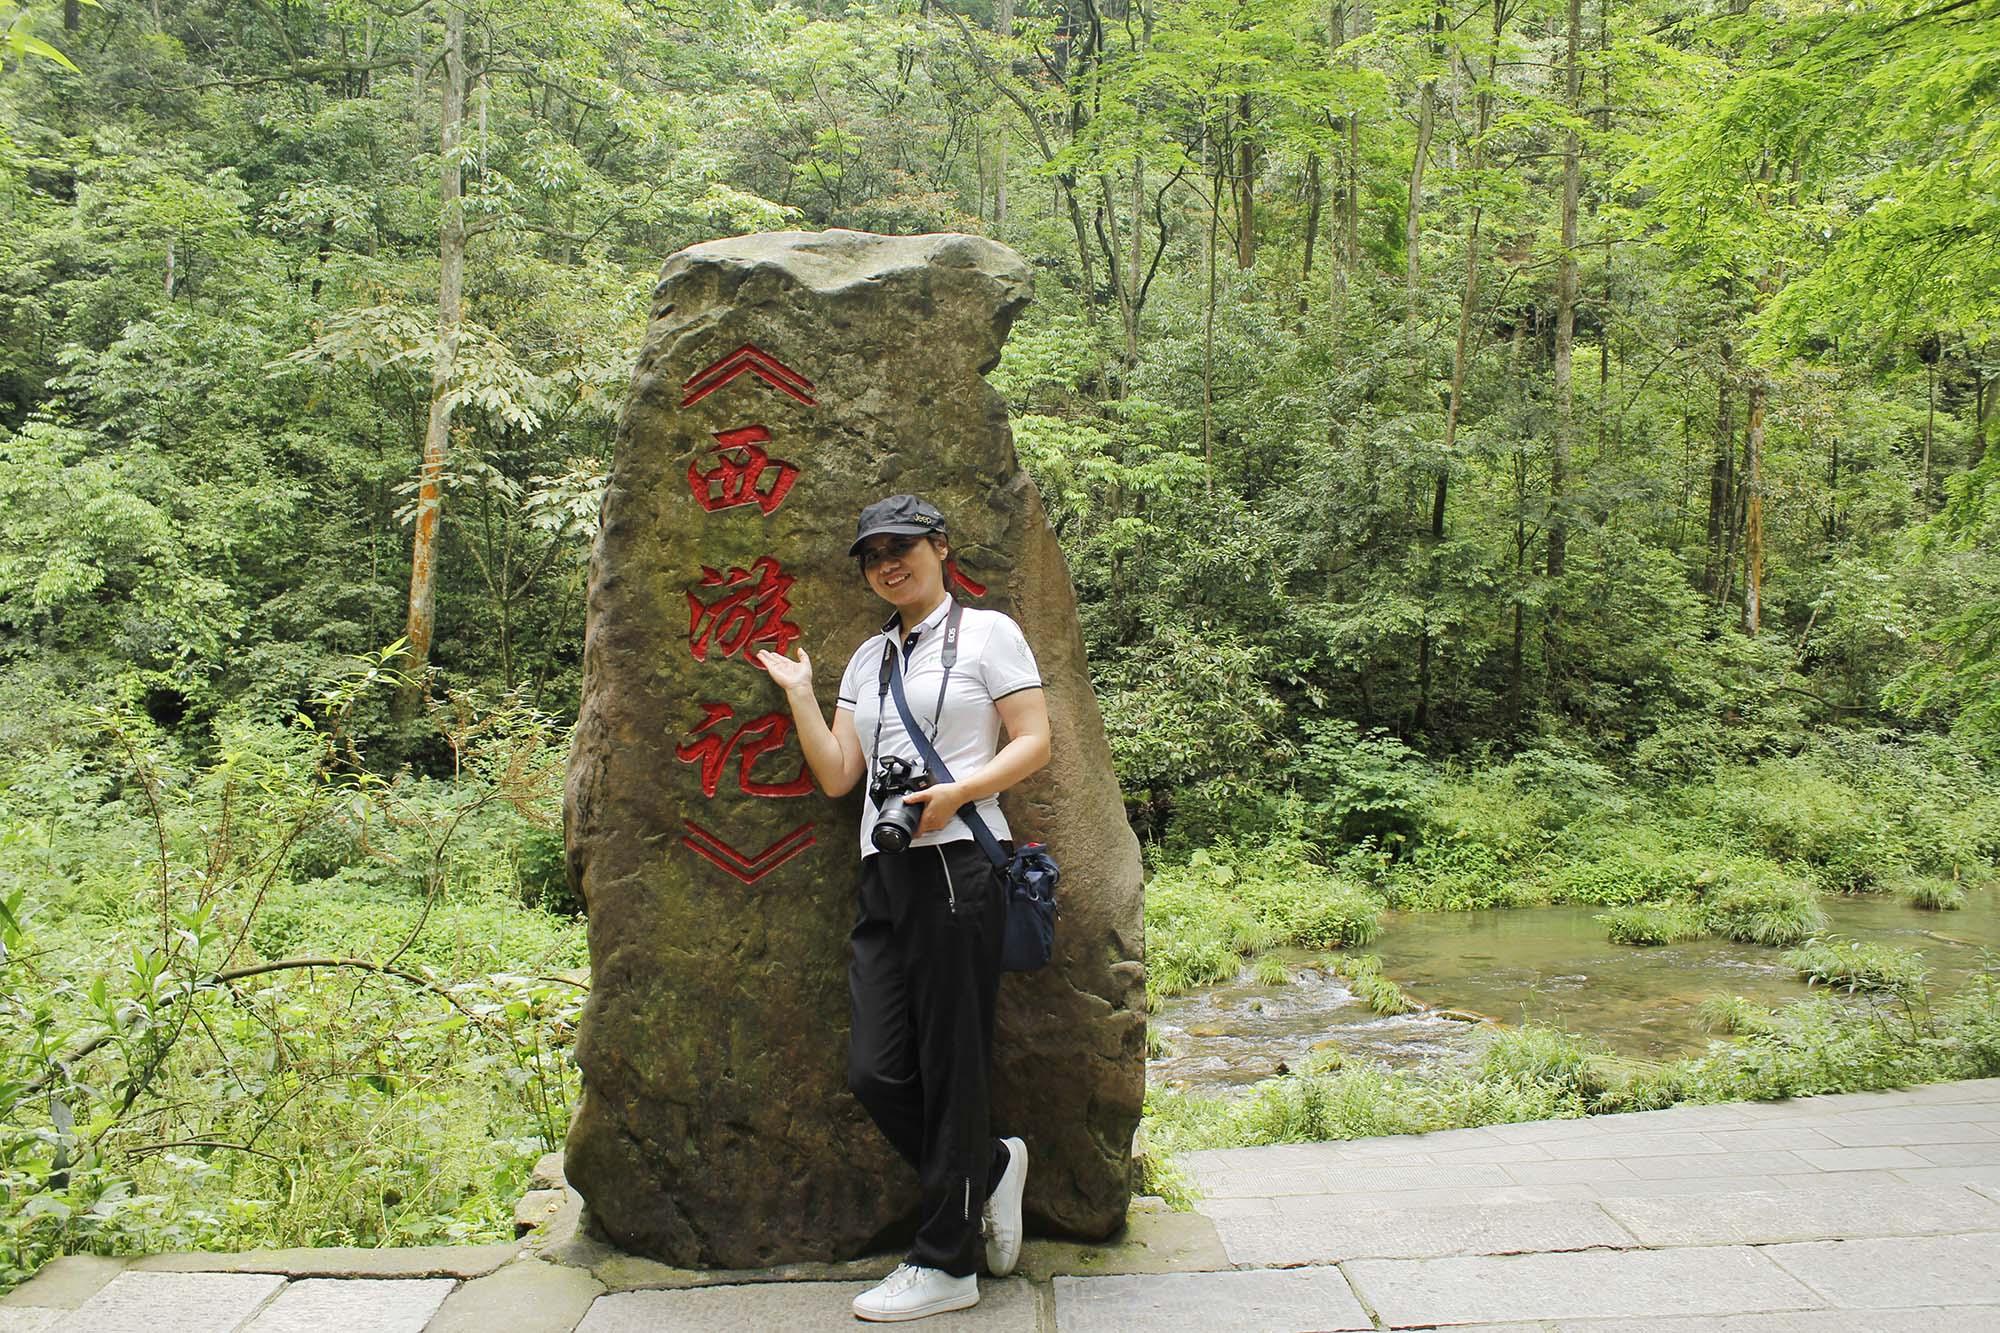 Zhangjiajie has beautiful scenery